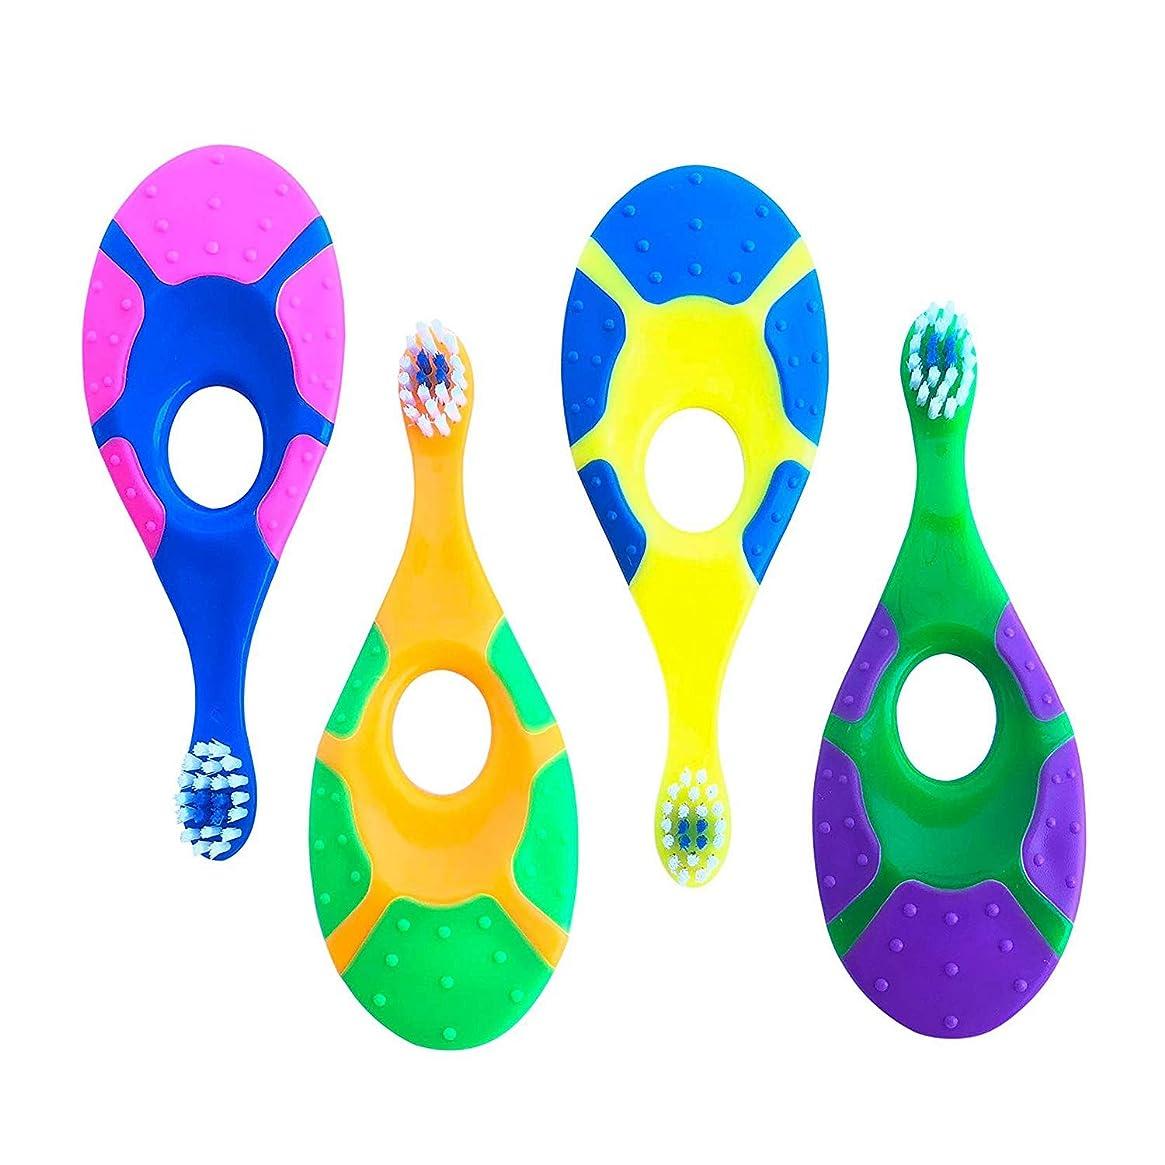 ケイ素成分シーズンXigeapg 4セットのベビー歯ブラシ - 信頼性 - 柔らかい剛毛 - 指ハンドル歯ブラシ 0?2歳用 - 子供の最初のセットランダムカラー